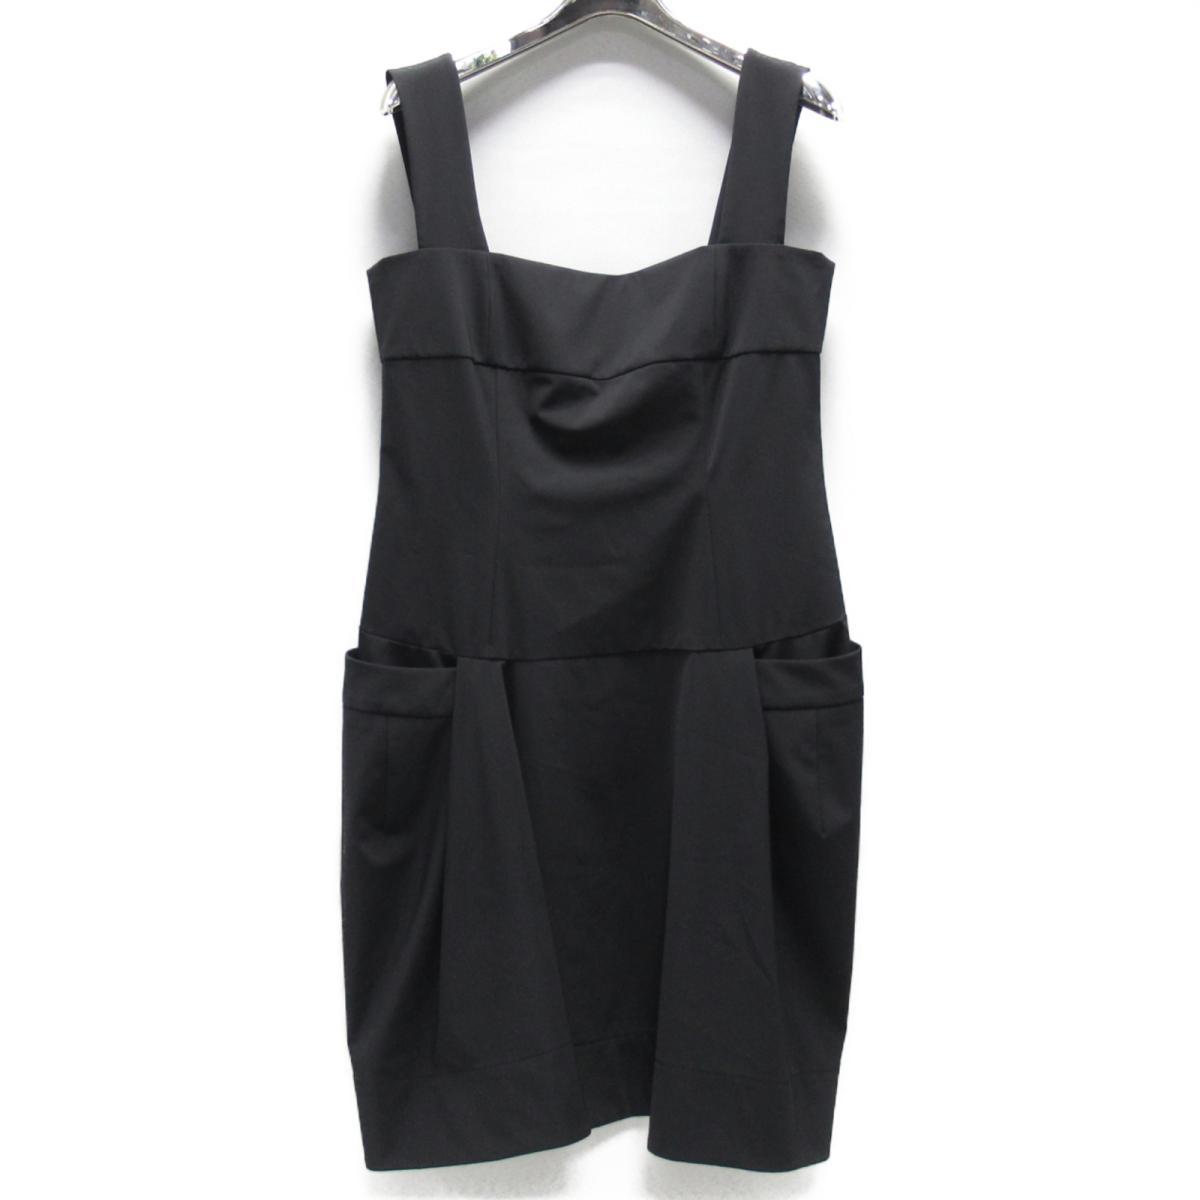 【中古】 フォクシーニューヨーク ワンピース レディース ポリエステル (85%) ポリウレタン (15%) ブラック | FOXEY NEW YORK BRANDOFF ブランドオフ 衣料品 衣類 ブランド